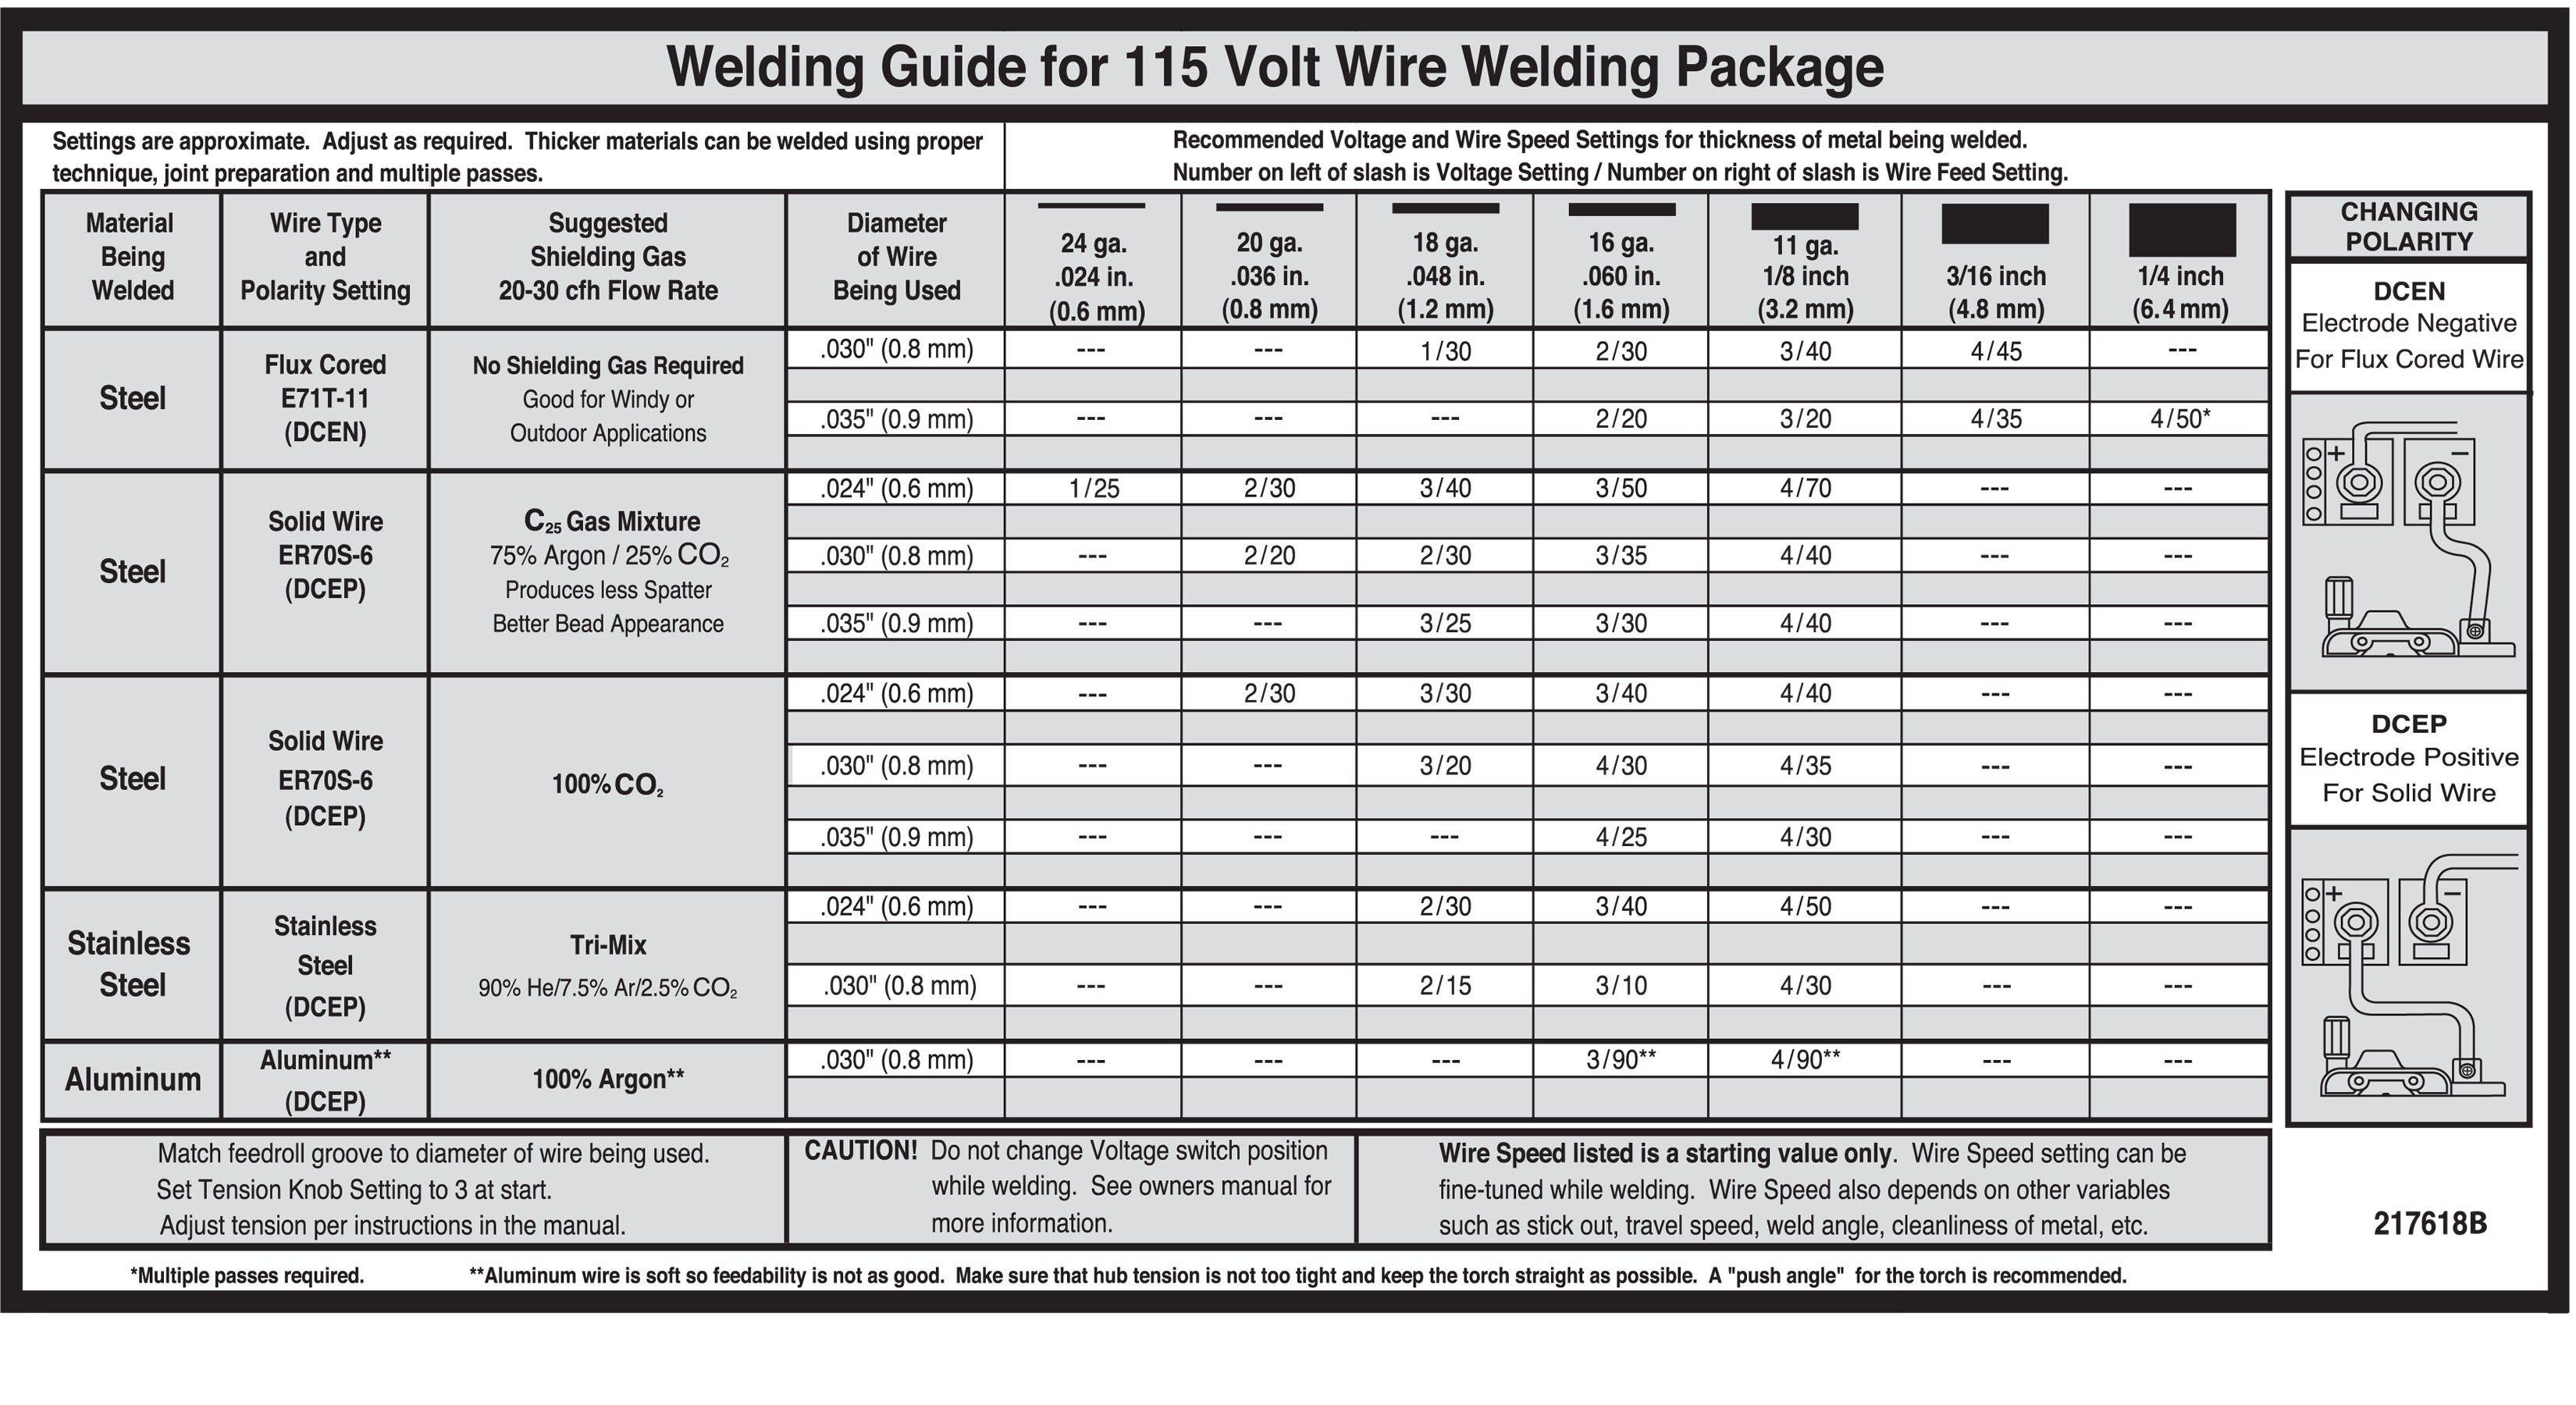 Mig Welding Equipment Diagram Wiring Library Welder Parts Craftsman Model 196205680 Rsultats De Recherche Dimages Pour Chart